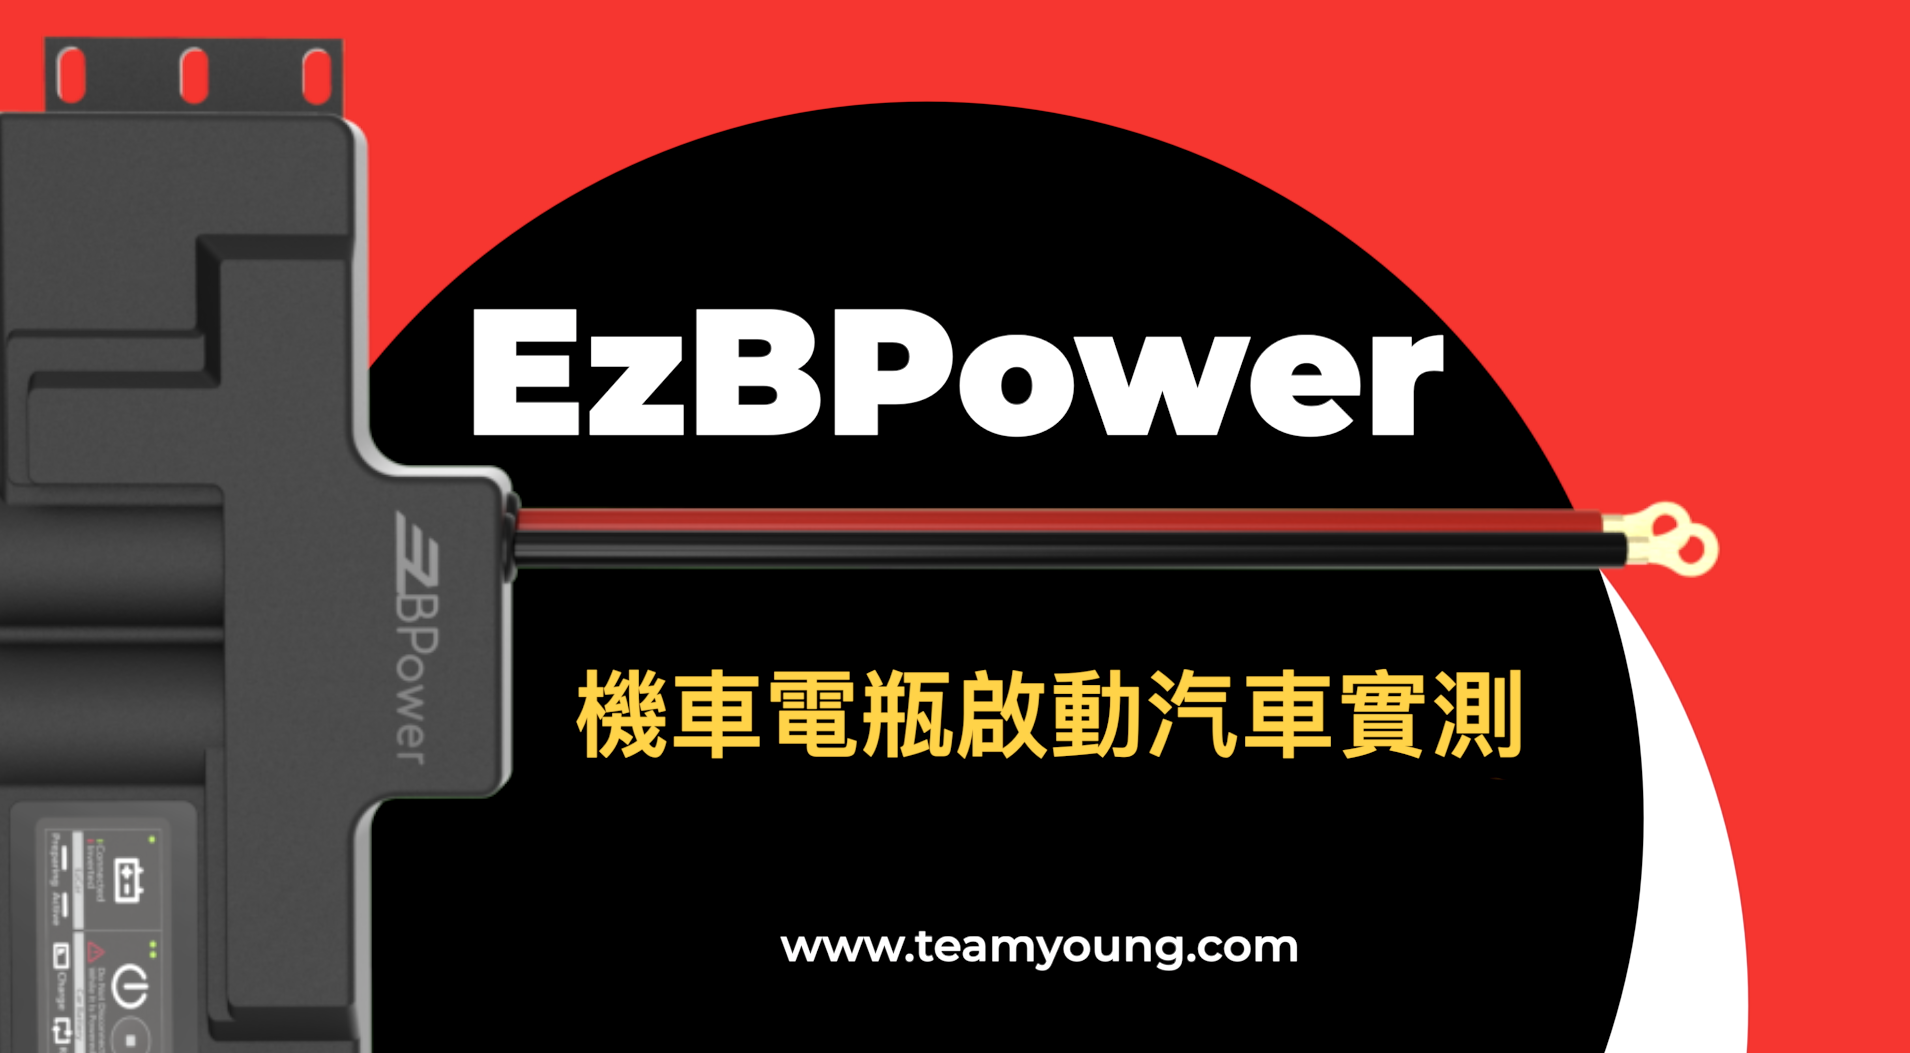 机车电瓶可以启动汽车 !? | 永久电池系统 | EzBPower